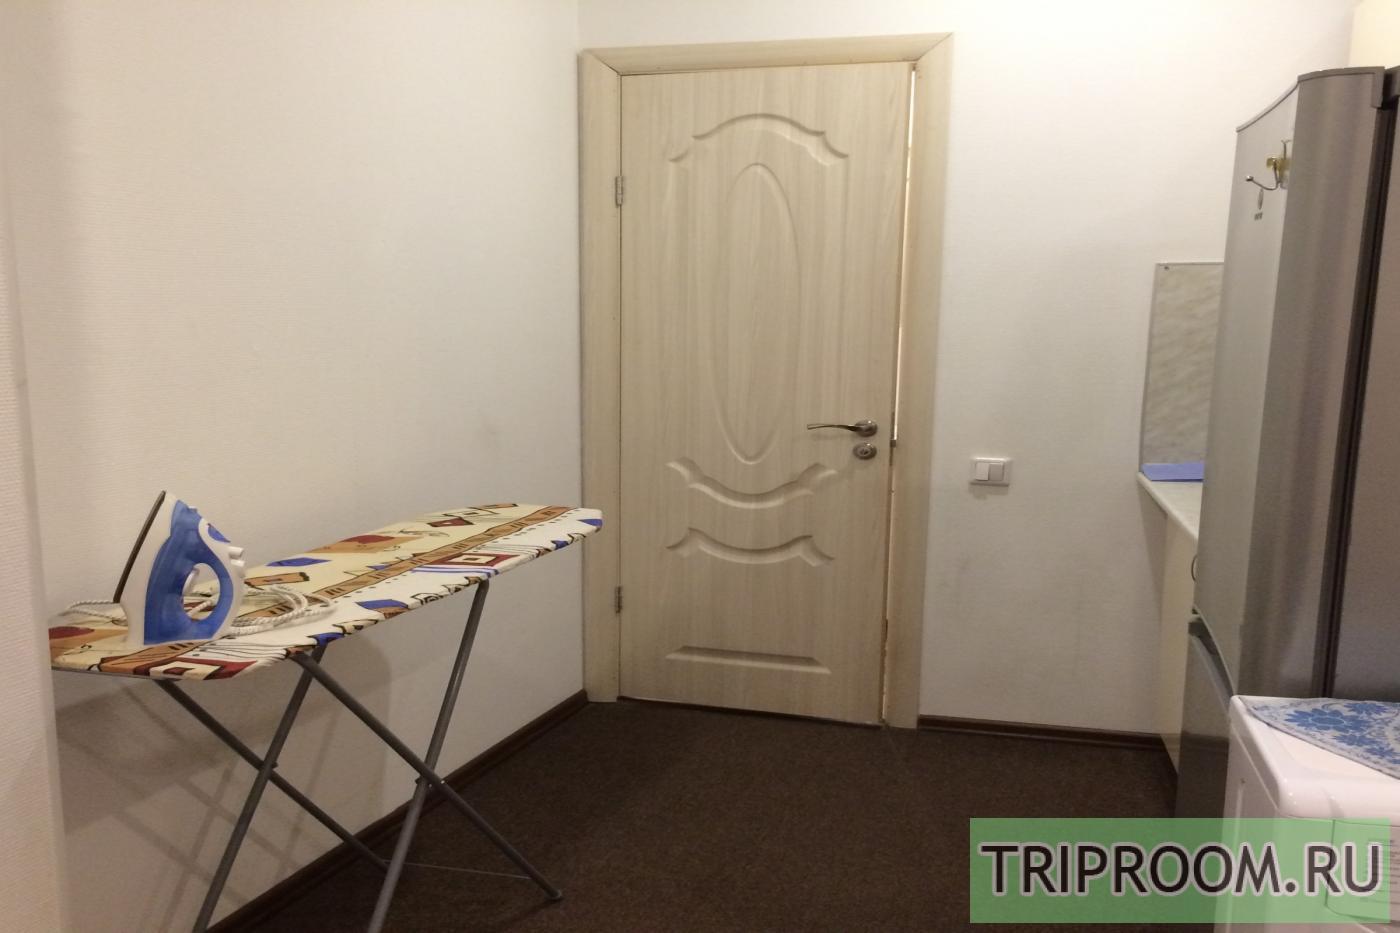 1-комнатная квартира посуточно (вариант № 15415), ул. Гороховая улица, фото № 9